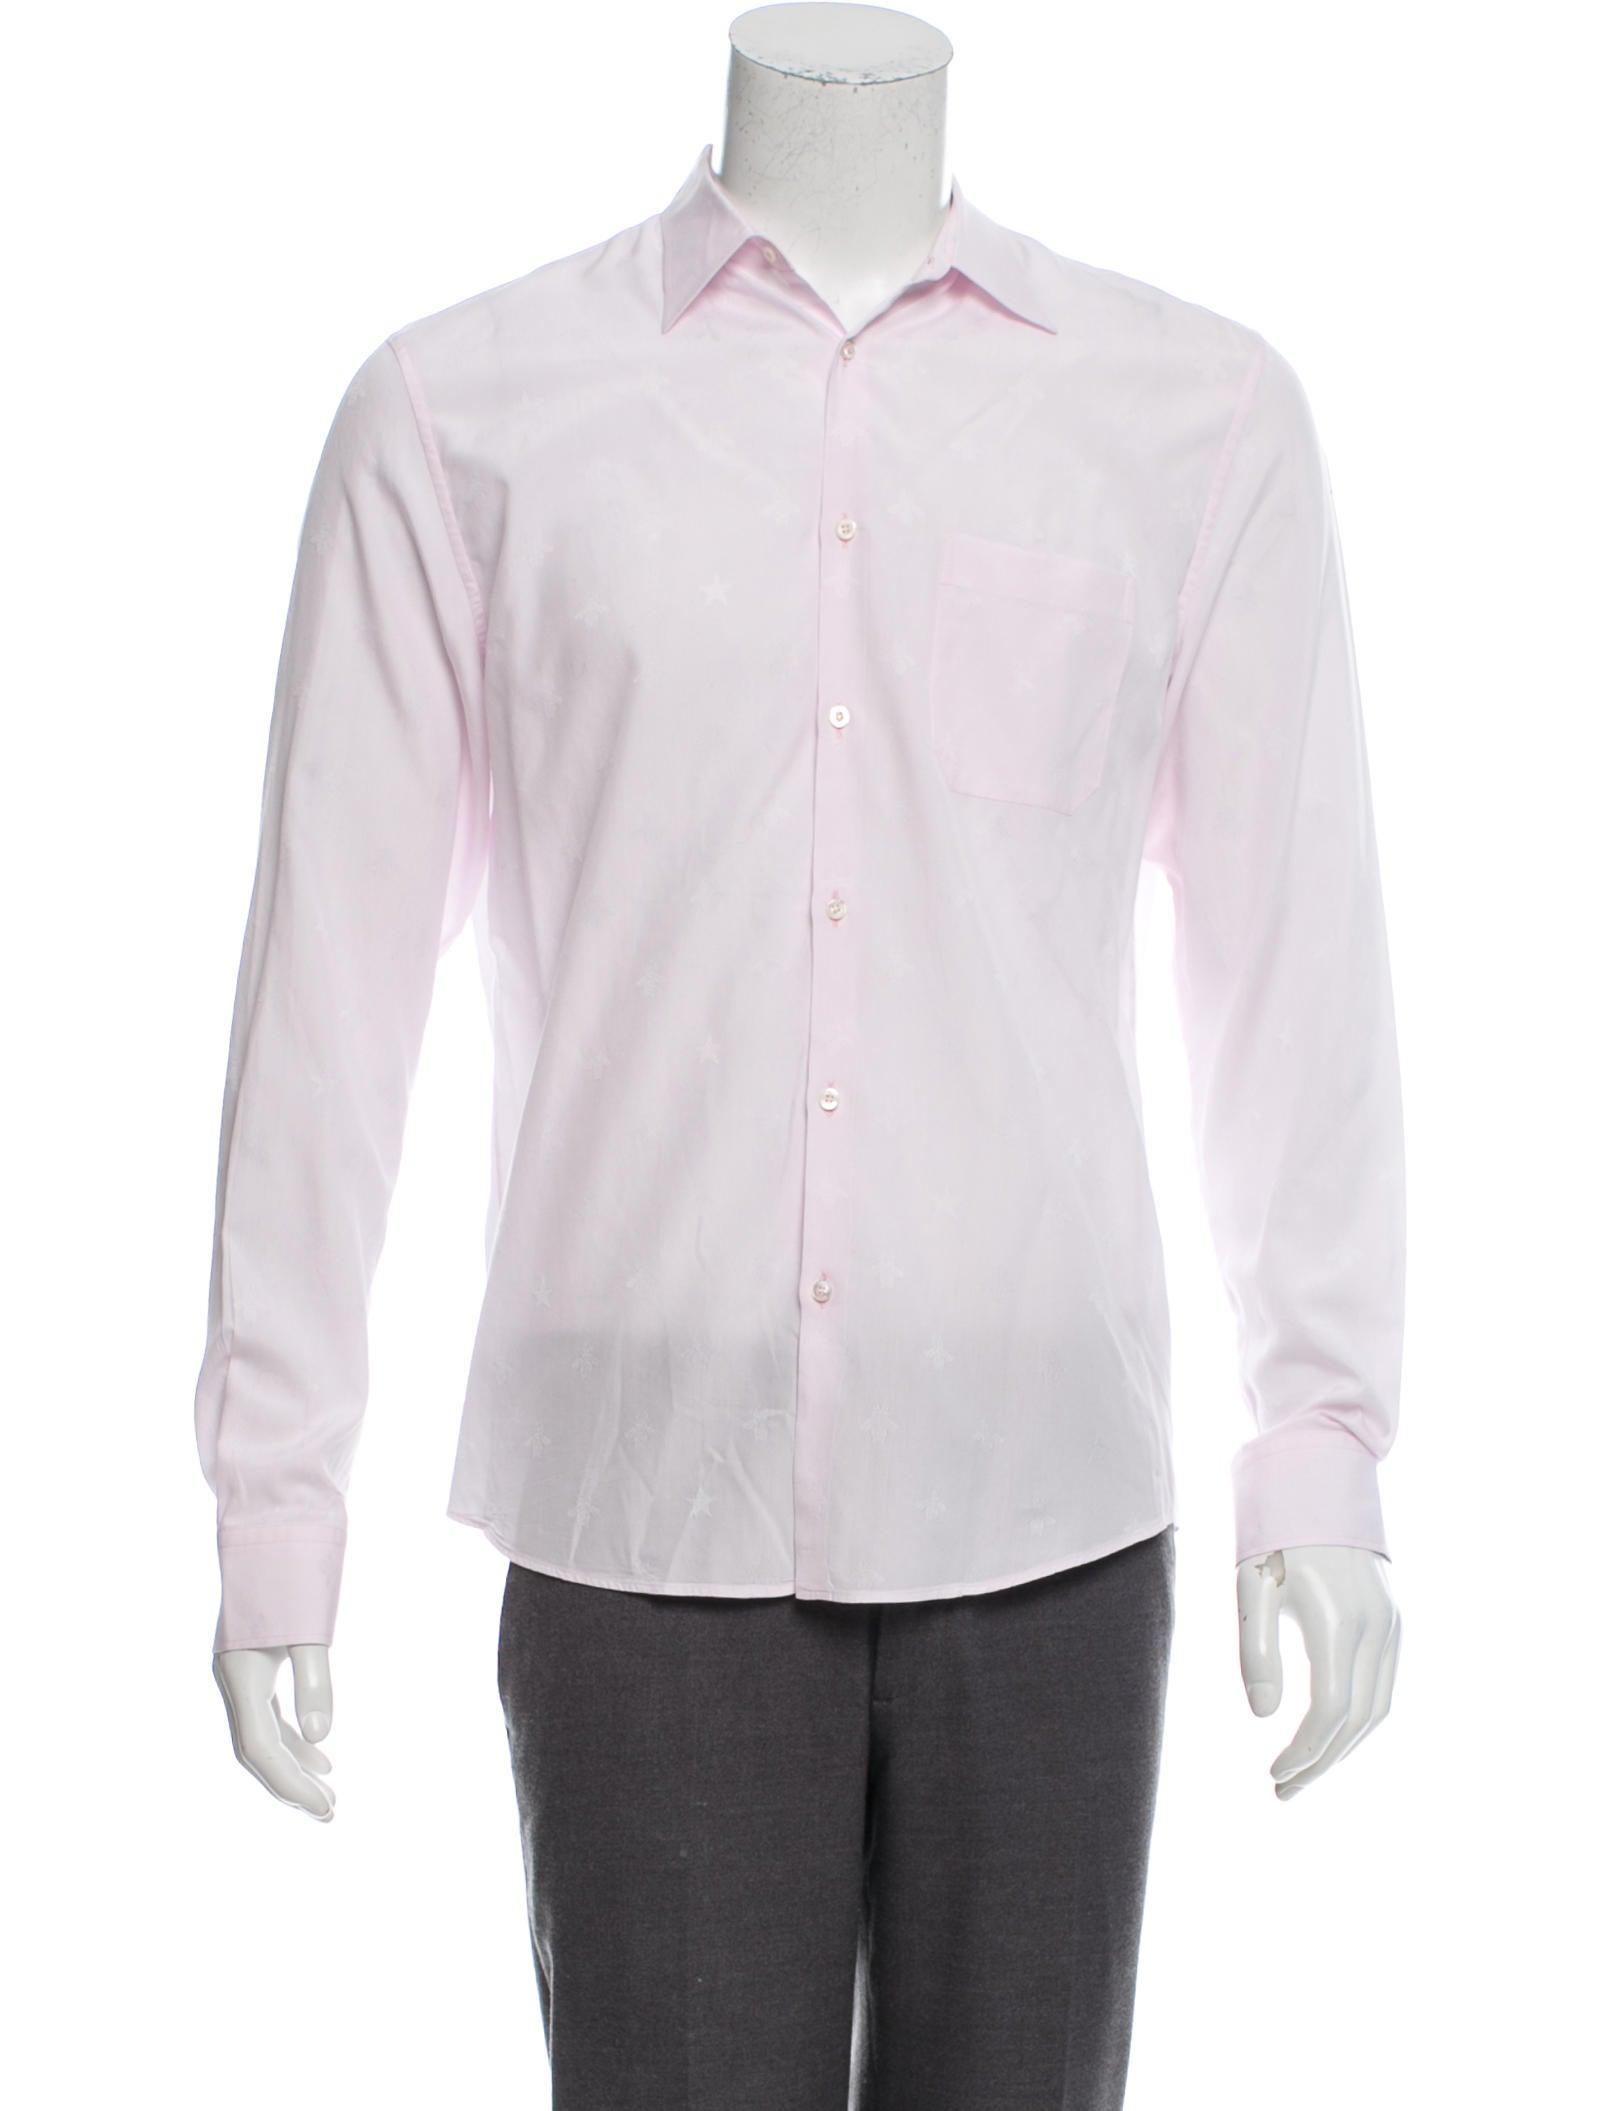 ff07b4cf94d Gucci Bee Jacquard Duke Shirt - Clothing - GUC294805